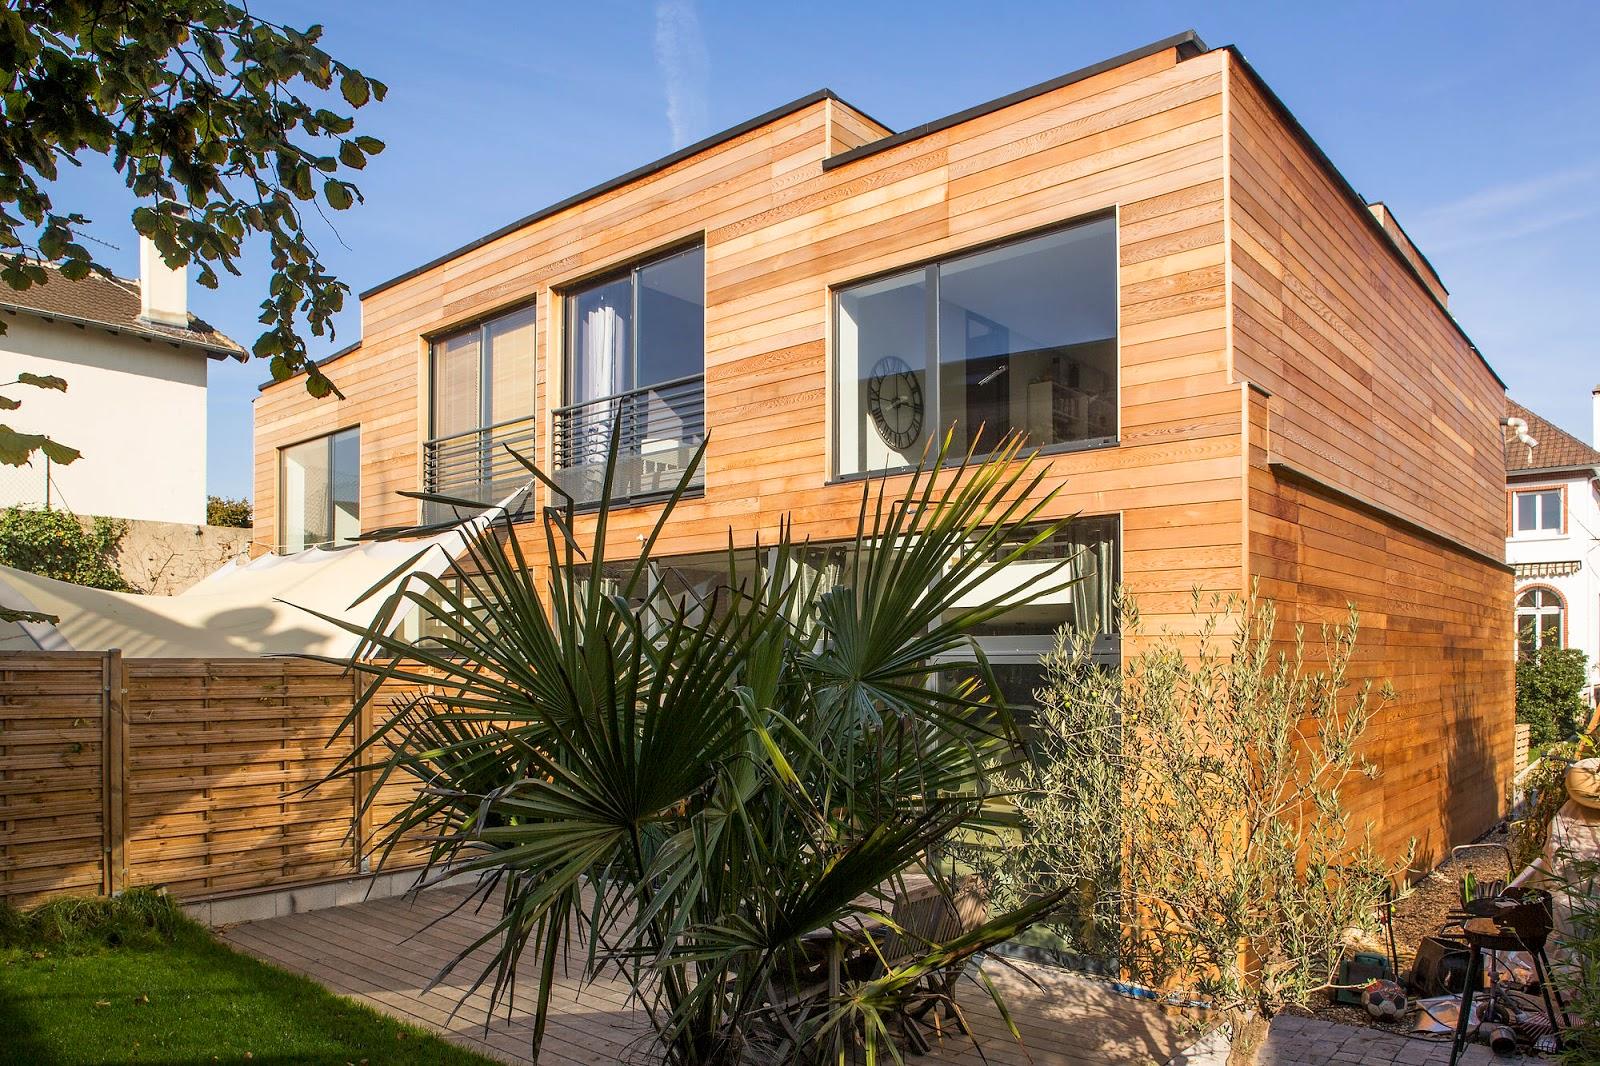 Prix architecte maison excellent prix architecte maison for Architecte prix maison